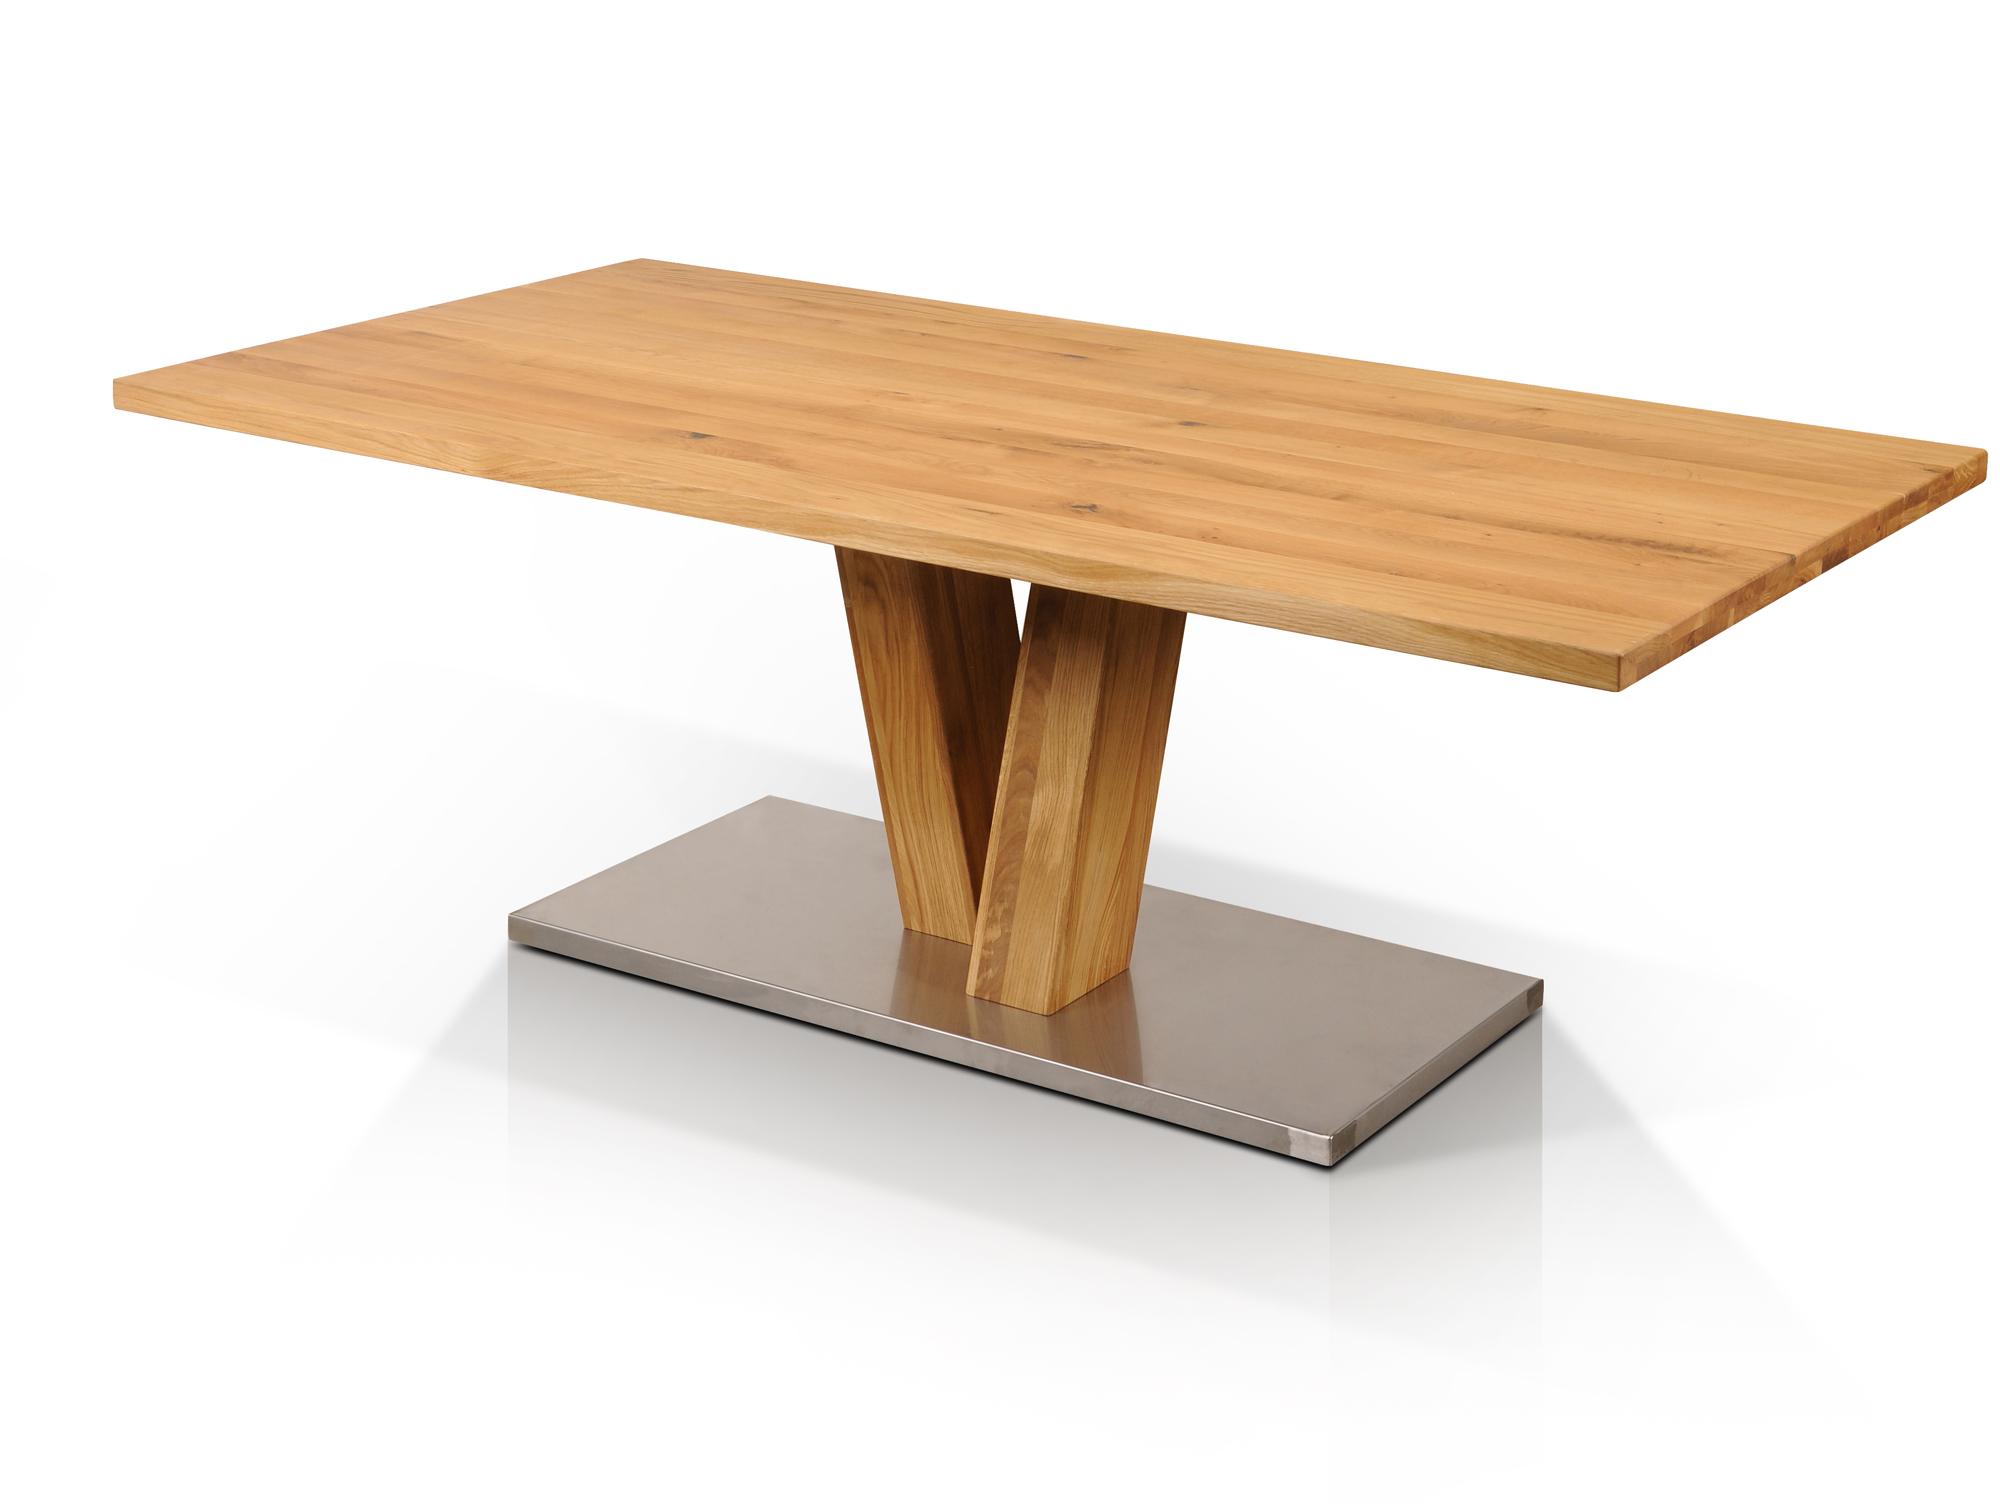 Esstisch Massivholztisch 160x90 cm NAPOLEON Tisch Säulentisch ...